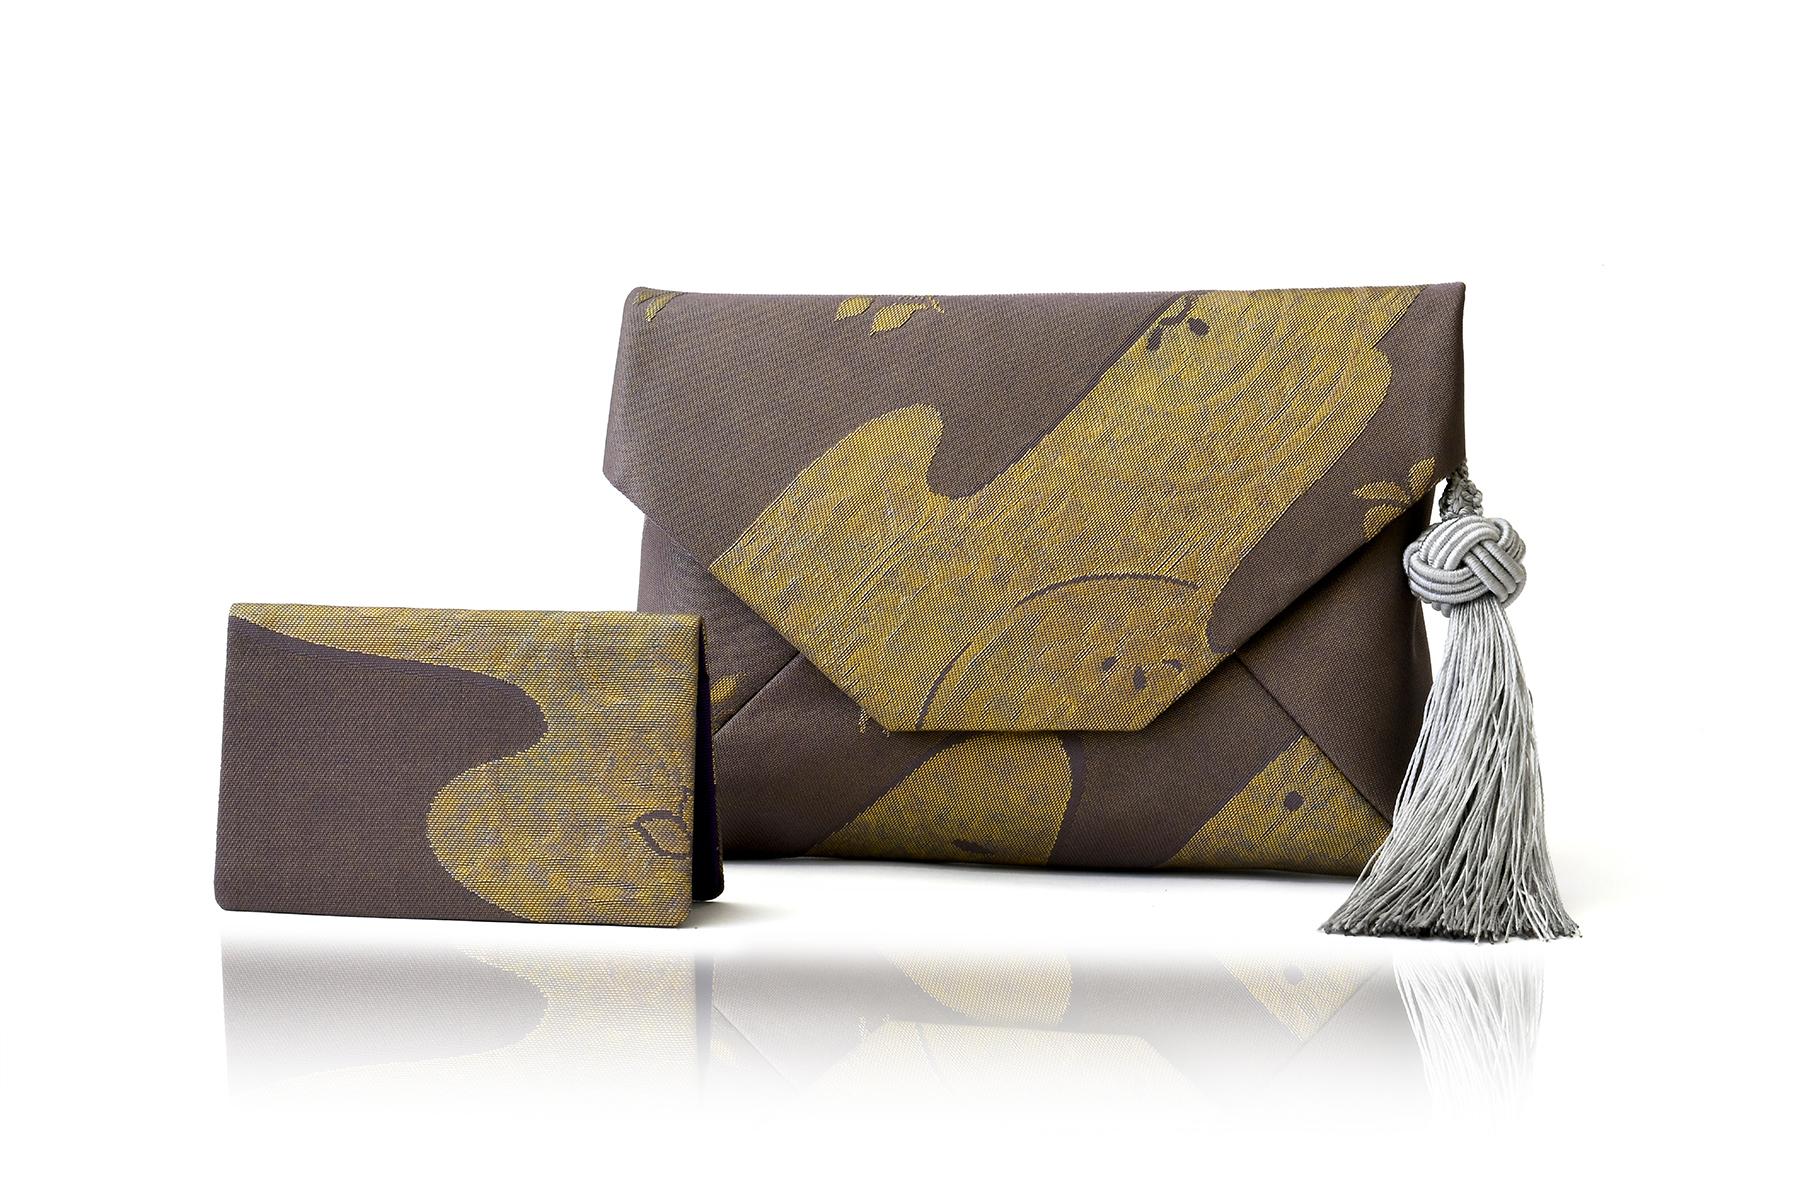 すきや袋と名刺入れセット / 古代錦袋帯/「かすみ更紗」藤鼠b / OSK-FKOD-M63-C12-4 /OCH-FKOD-M63-C12-7